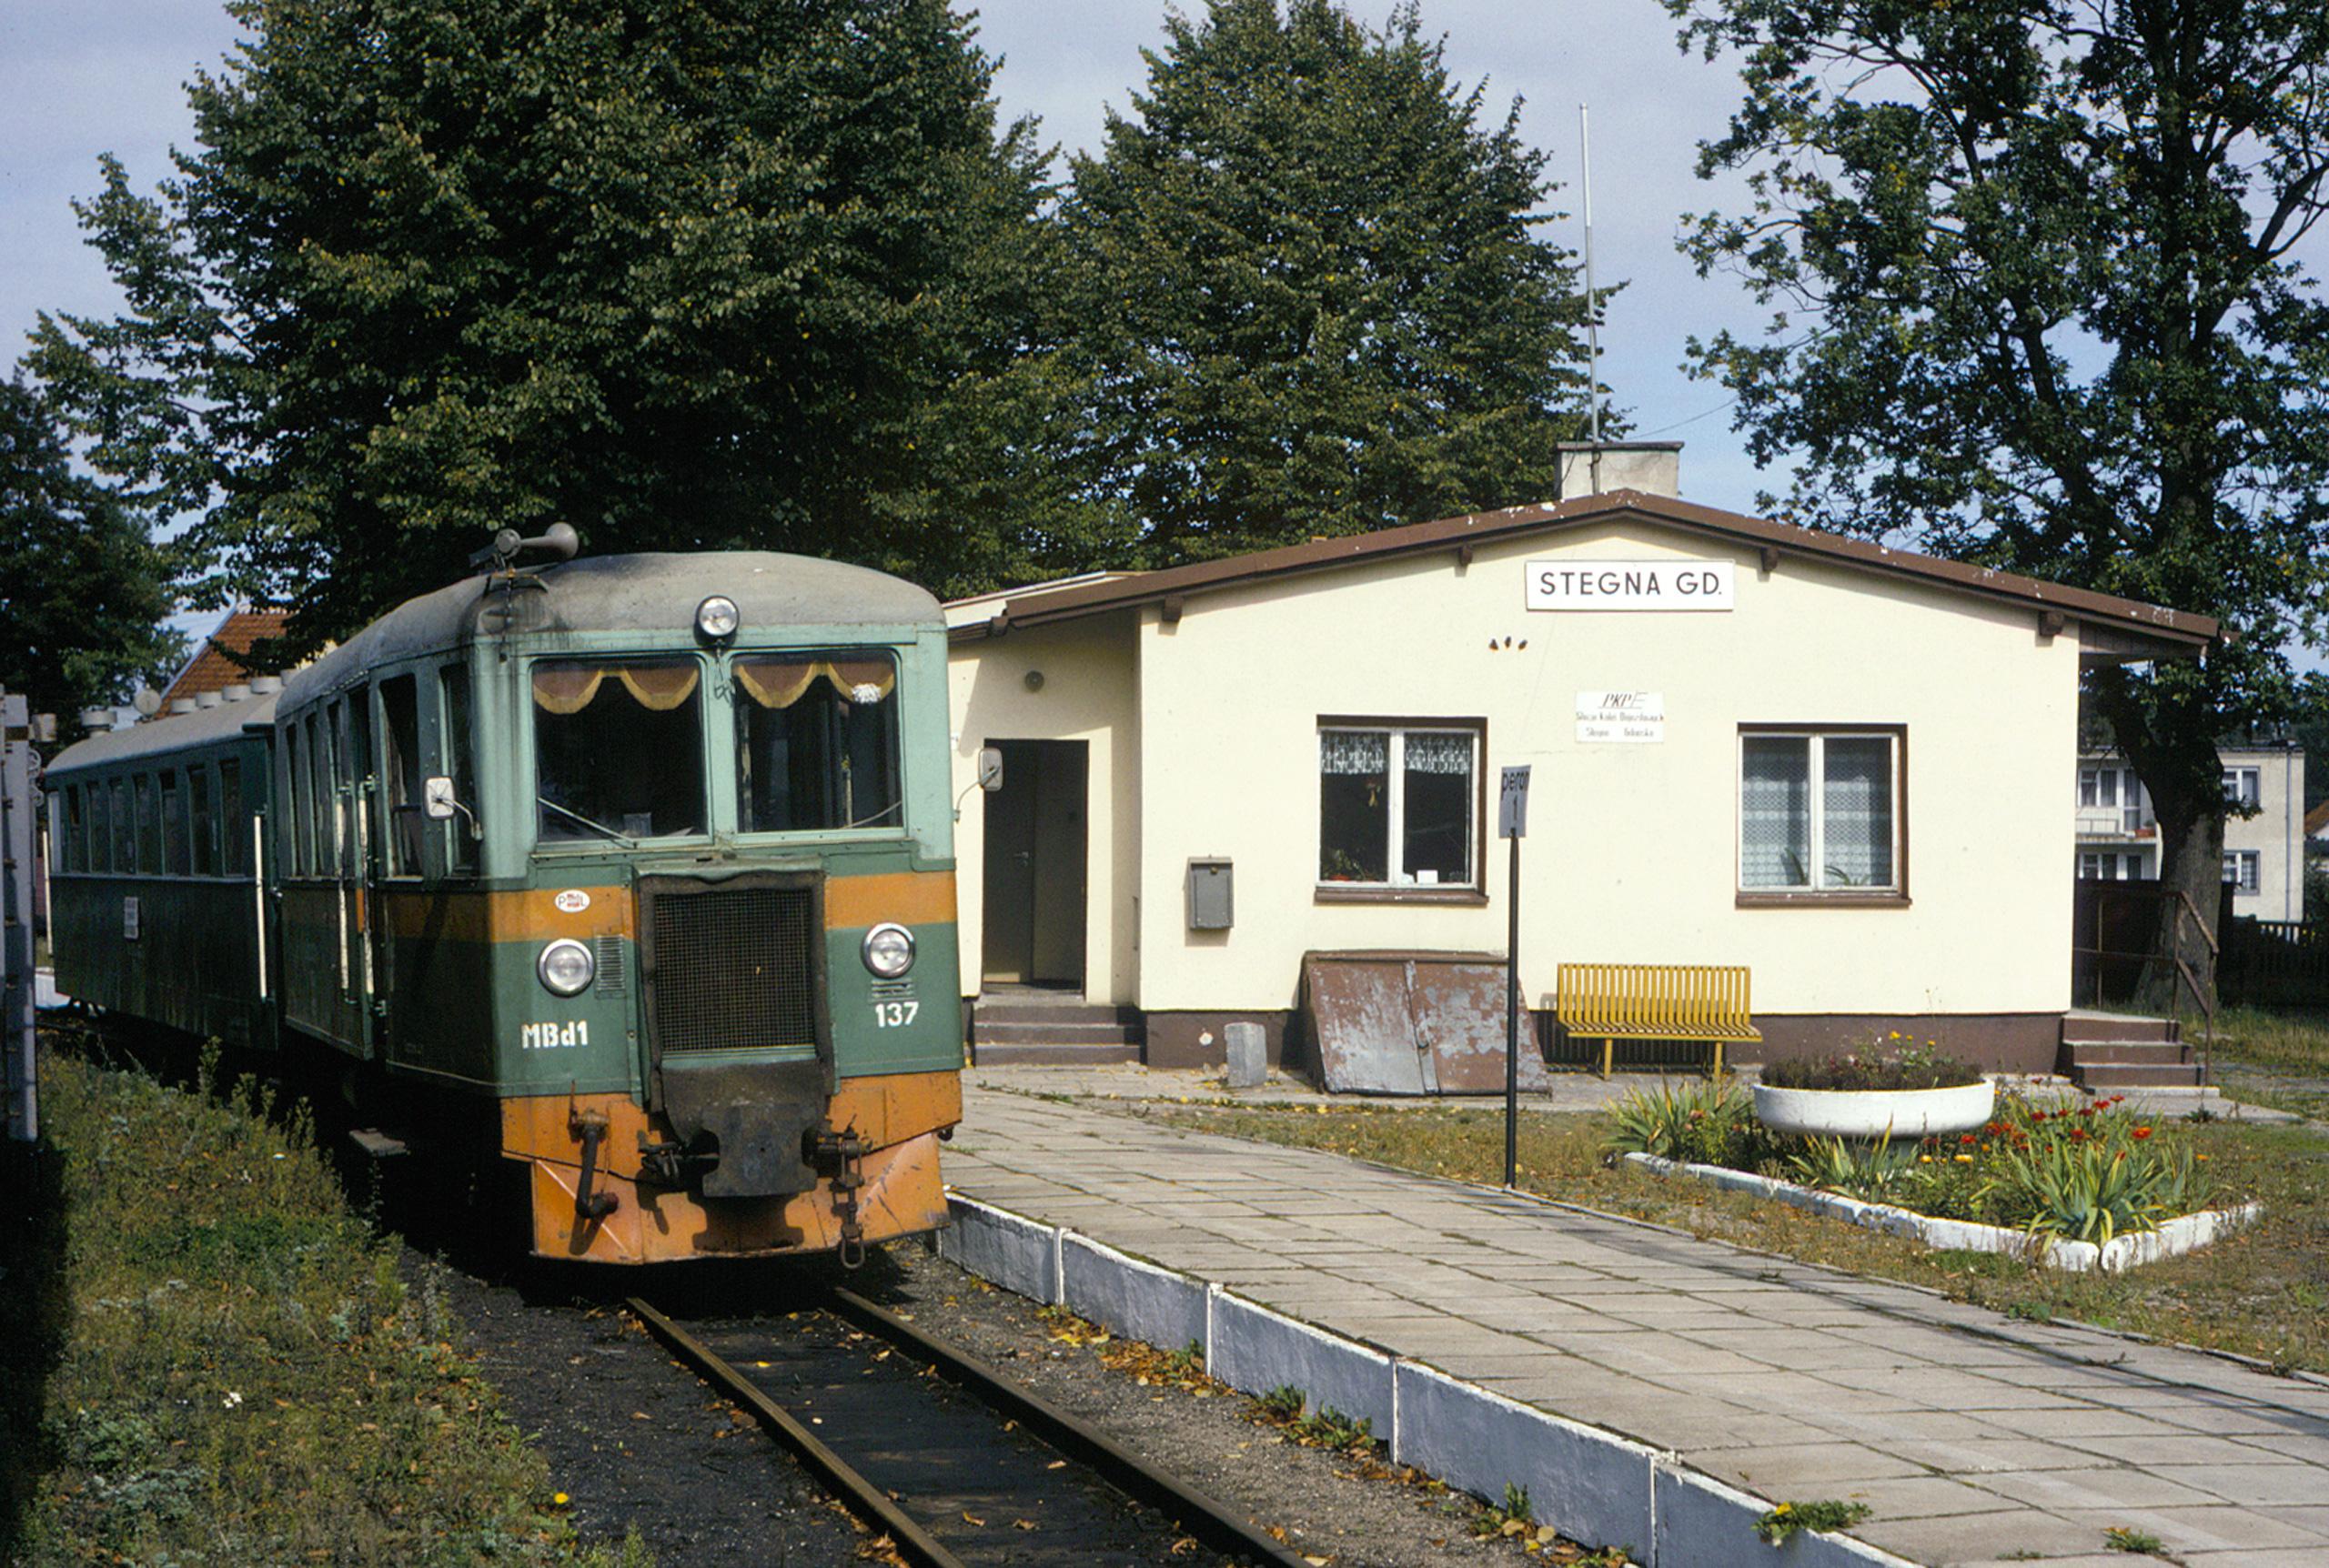 Excursion train at Stegna Gdańska